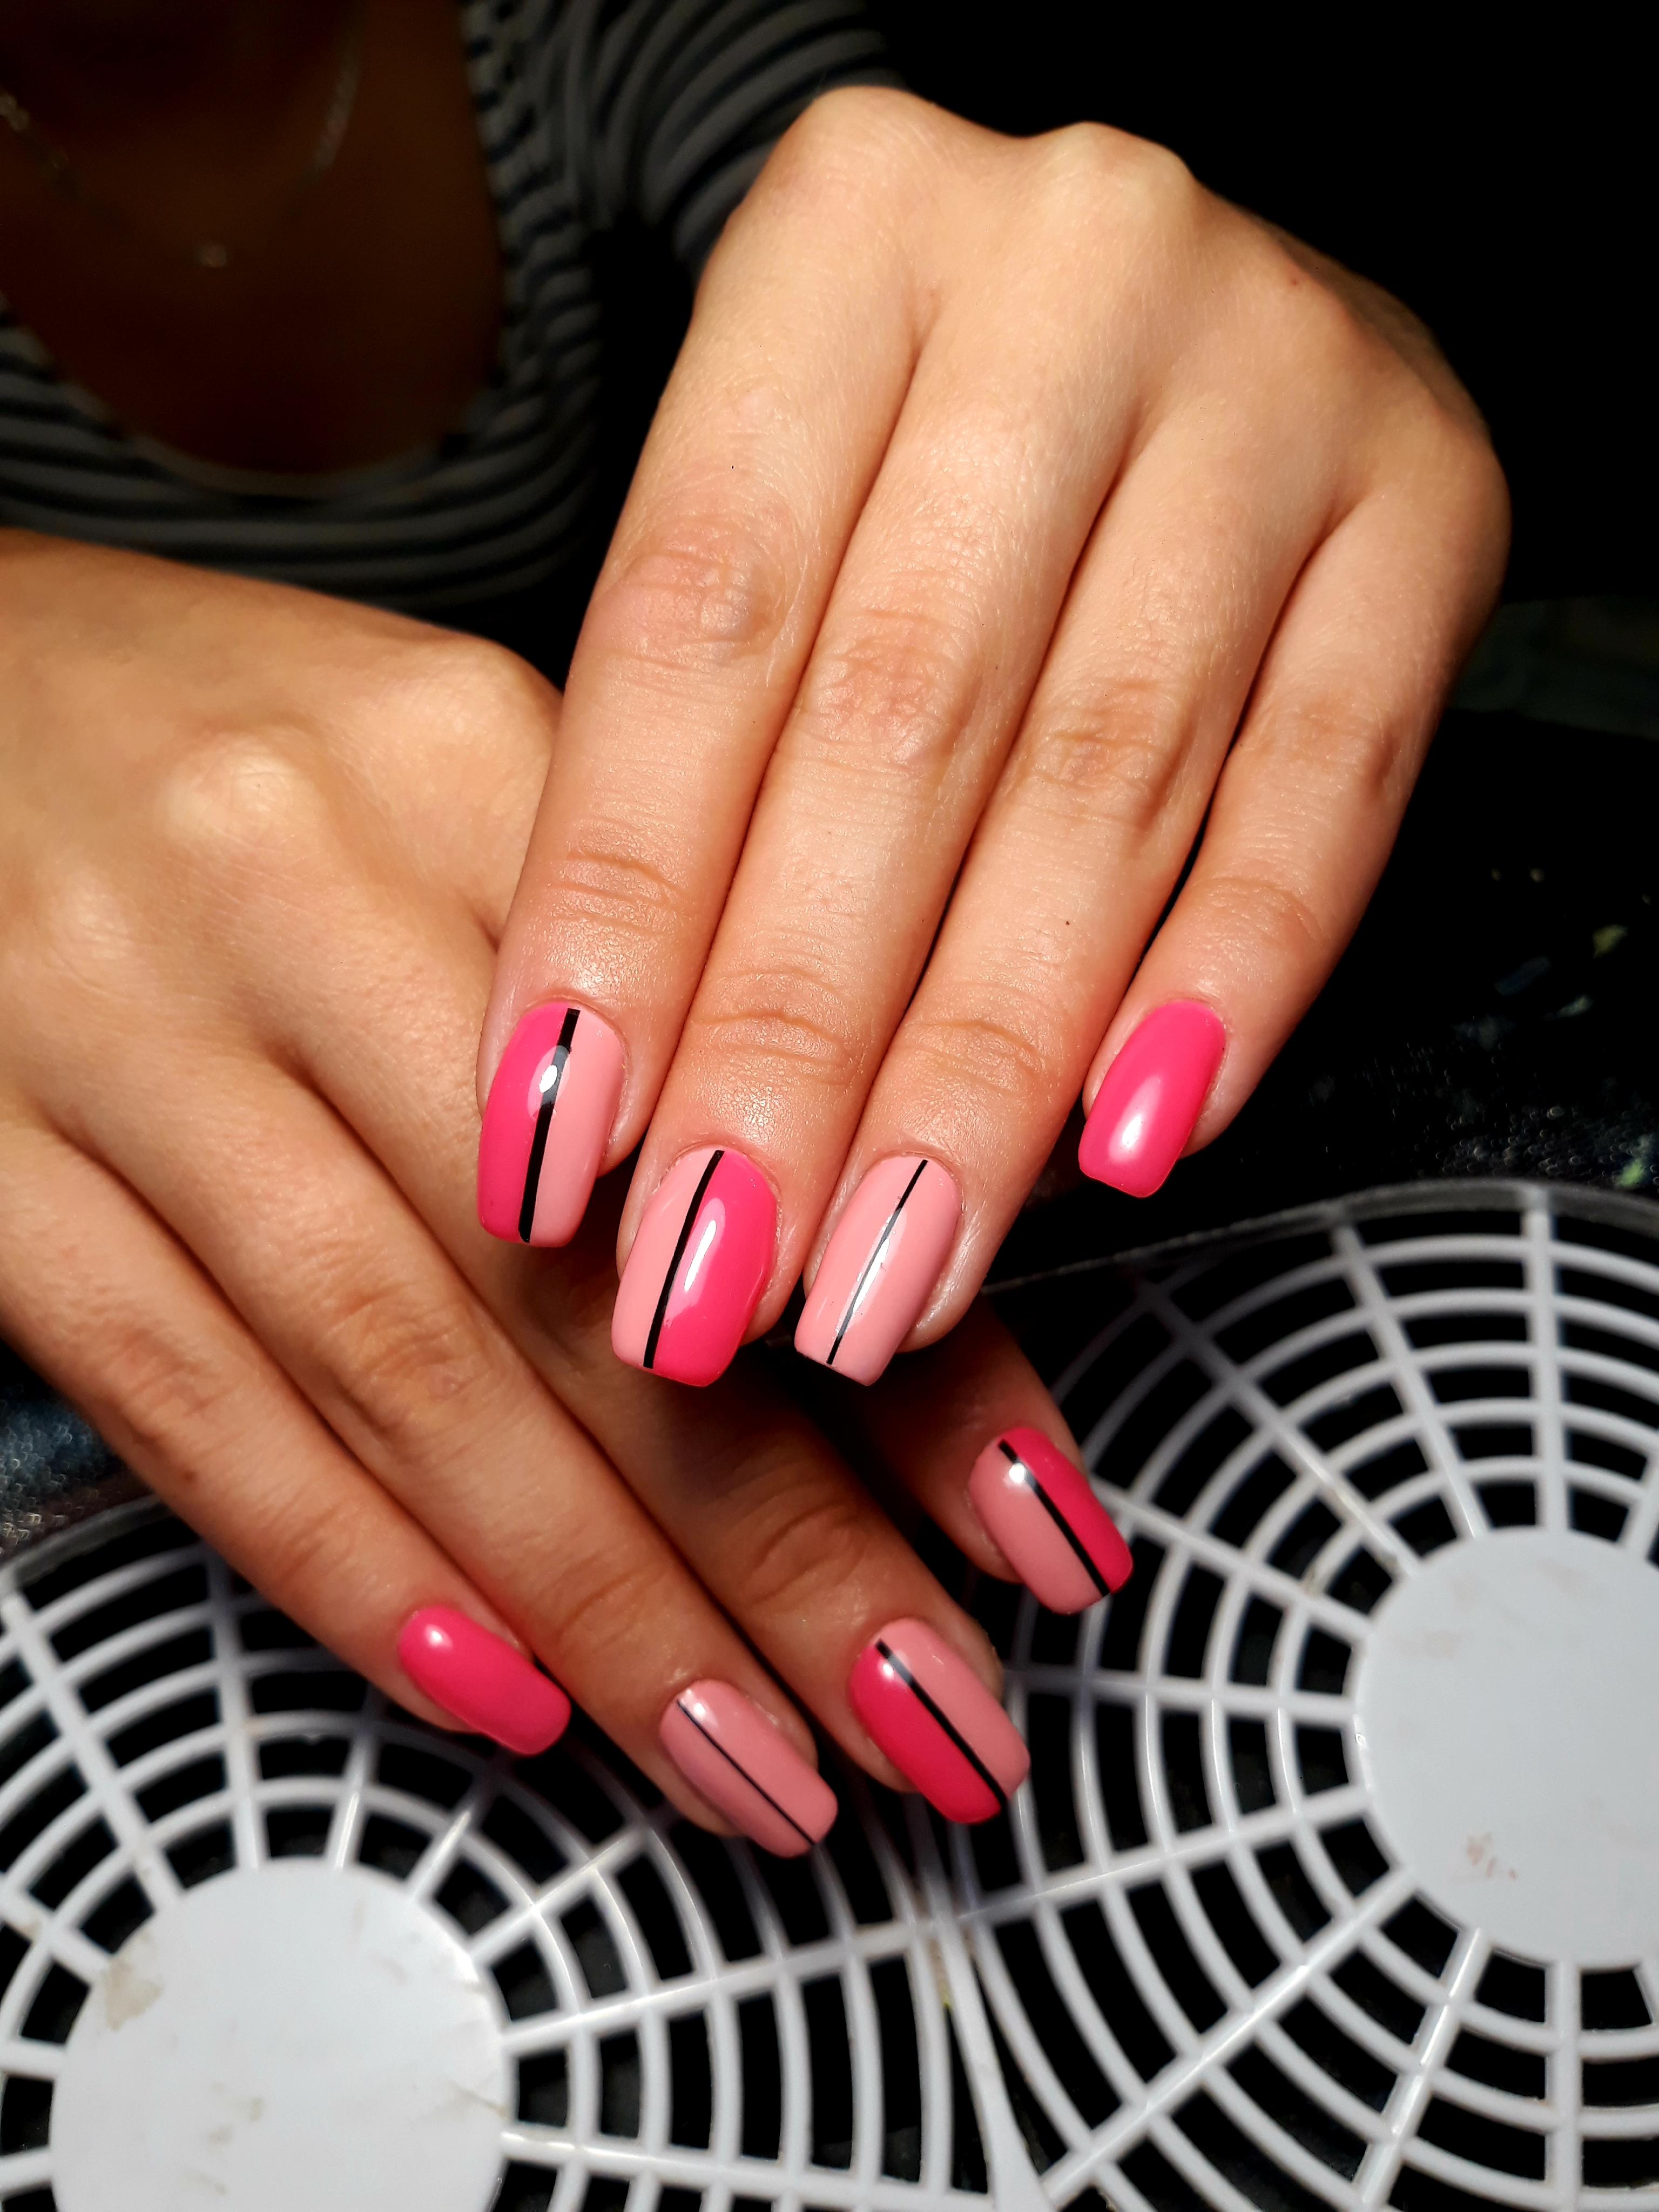 Маникюр с полосками в розовом цвете на короткие ногти.